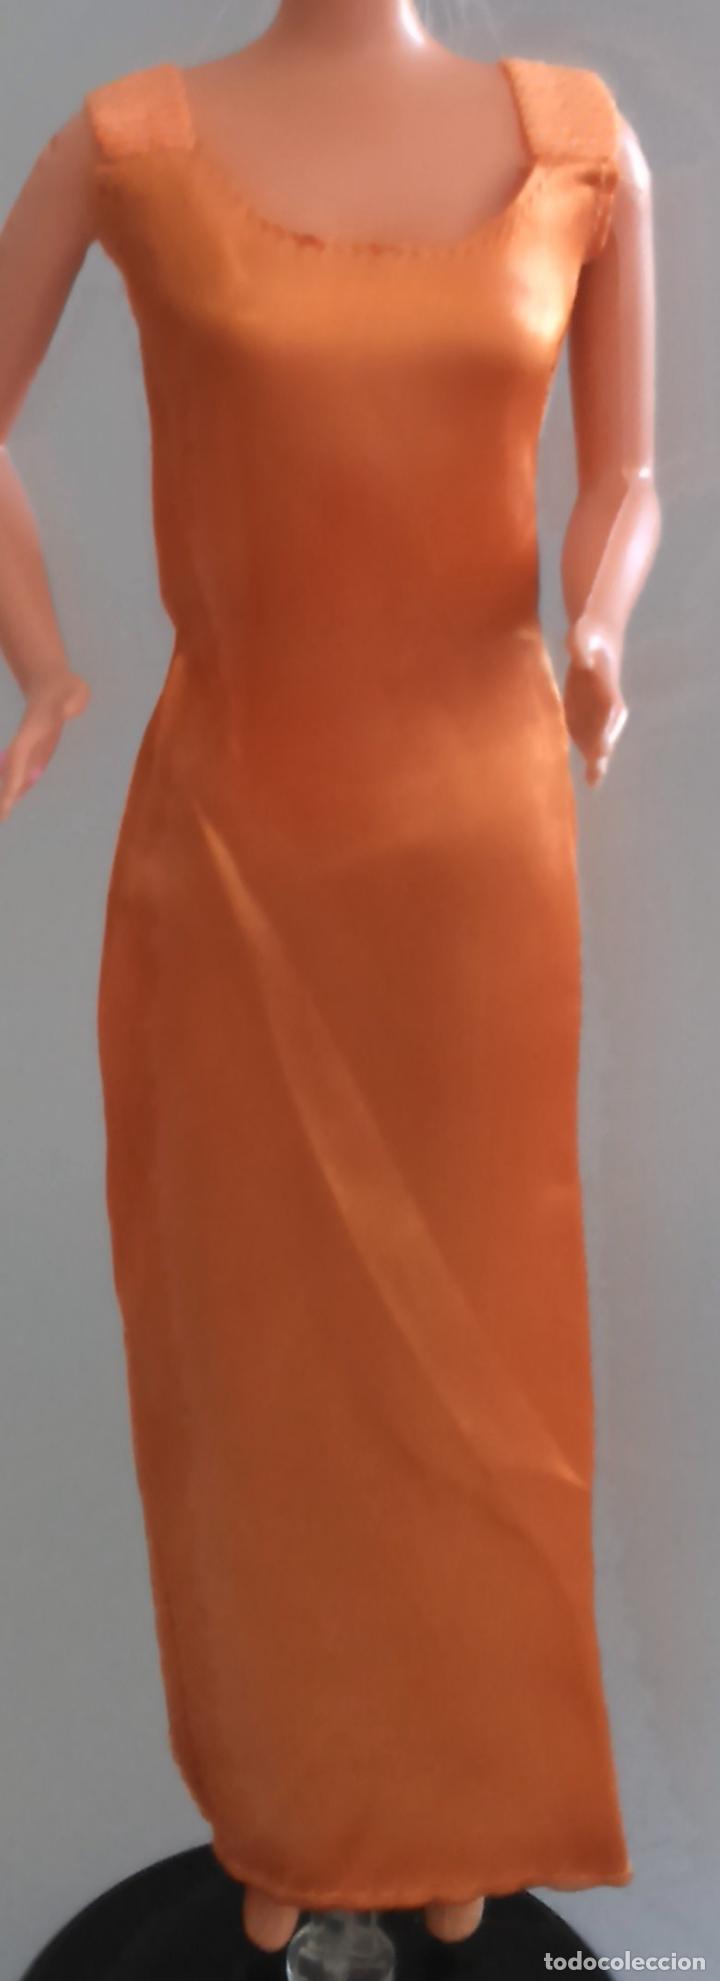 ROPA BARBIE VESTIDO LARGO (Juguetes - Muñeca Extranjera Moderna - Barbie y Ken - Vestidos y Accesorios)